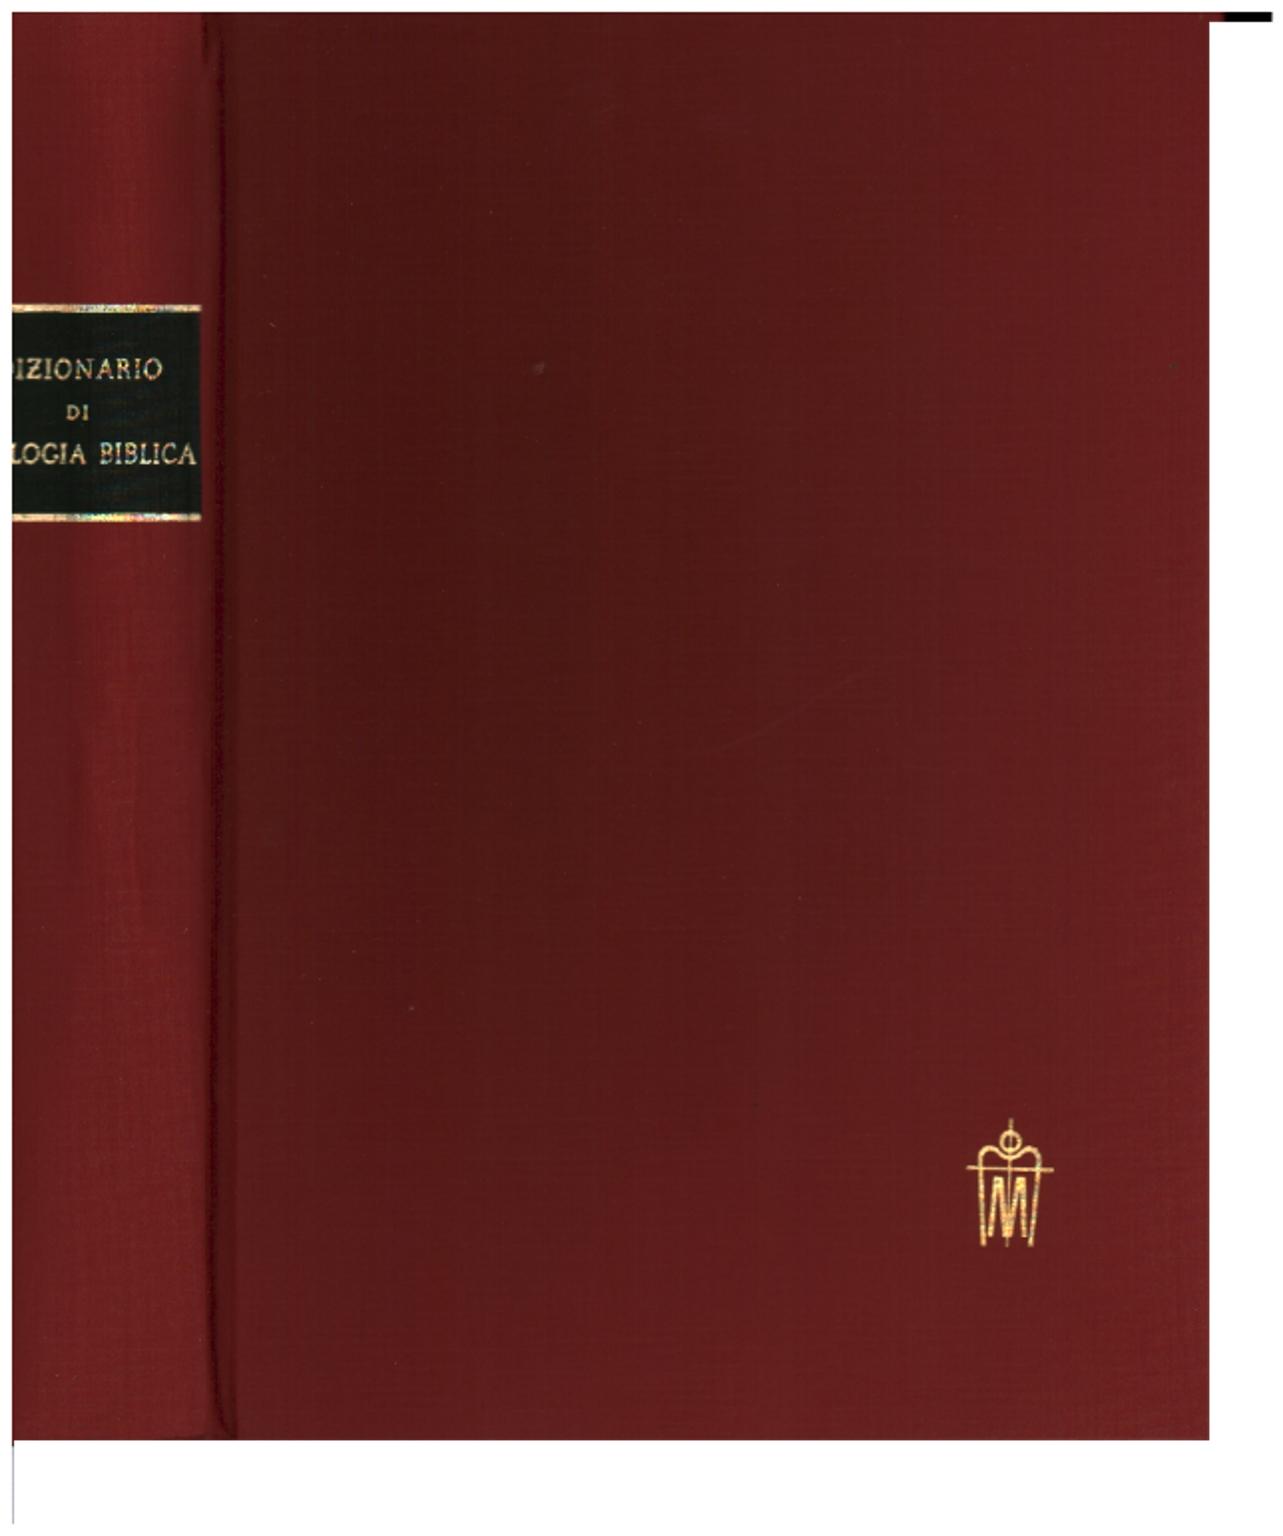 dizionario di teologia